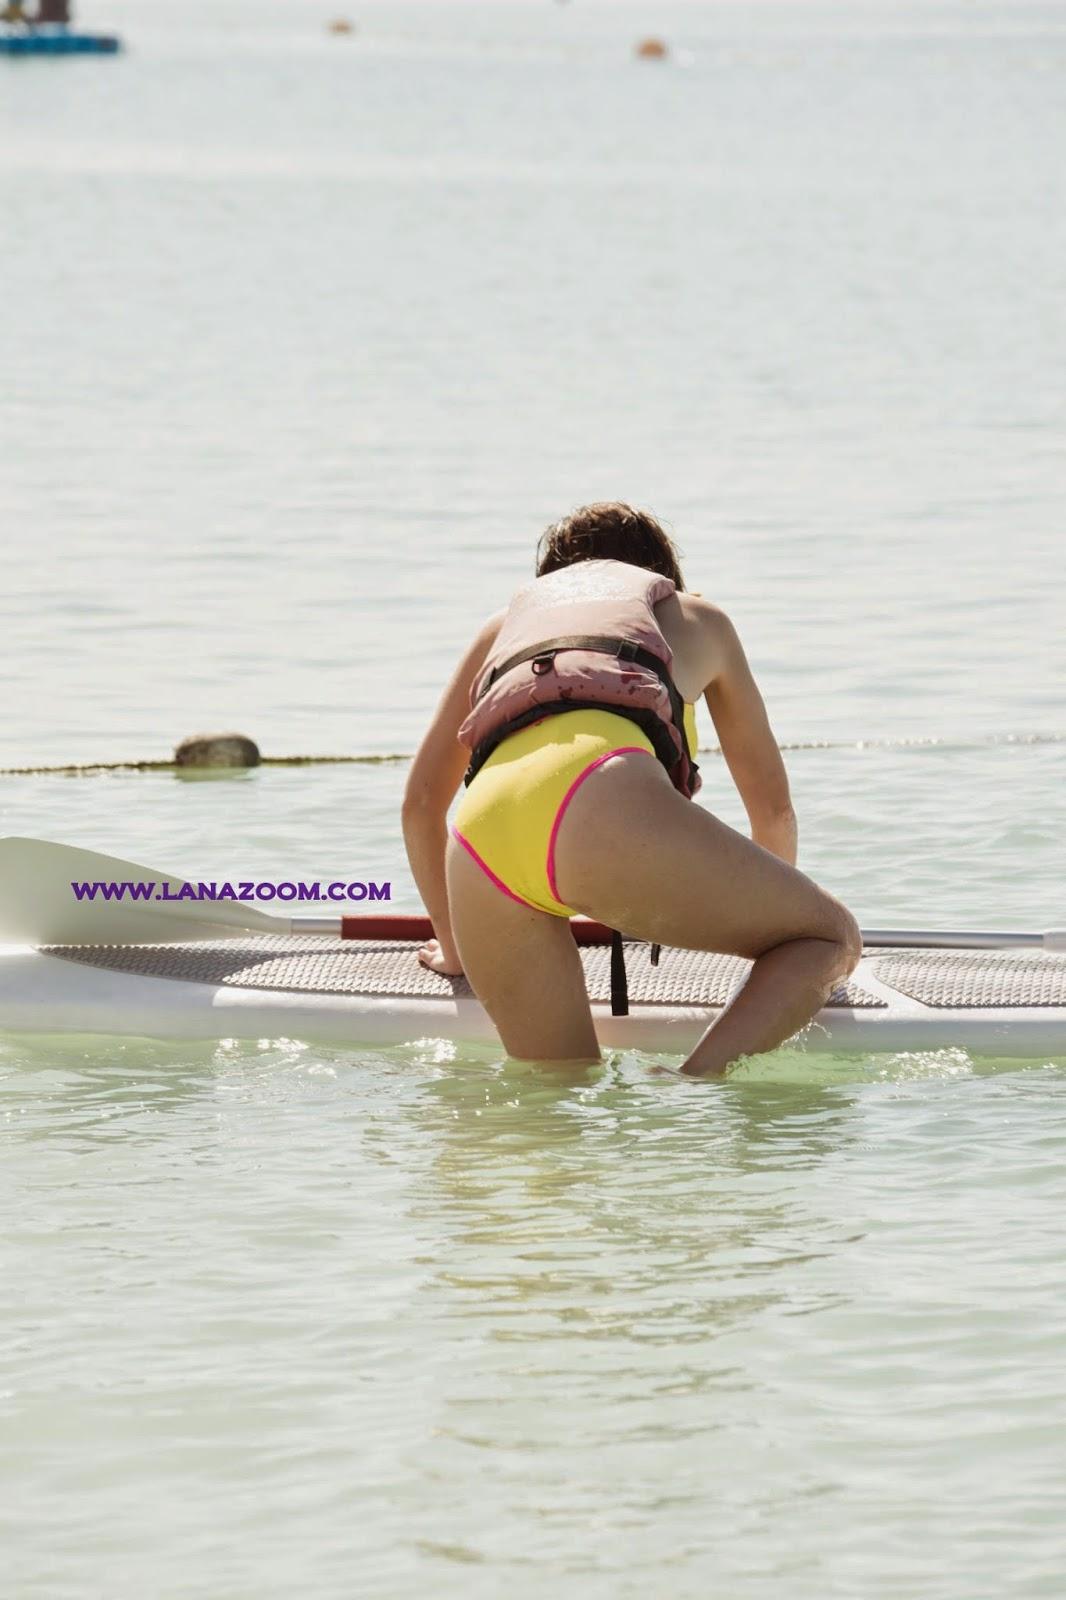 صور الجميلة ايموجين توماس بملابس السباحة في أبوظبي